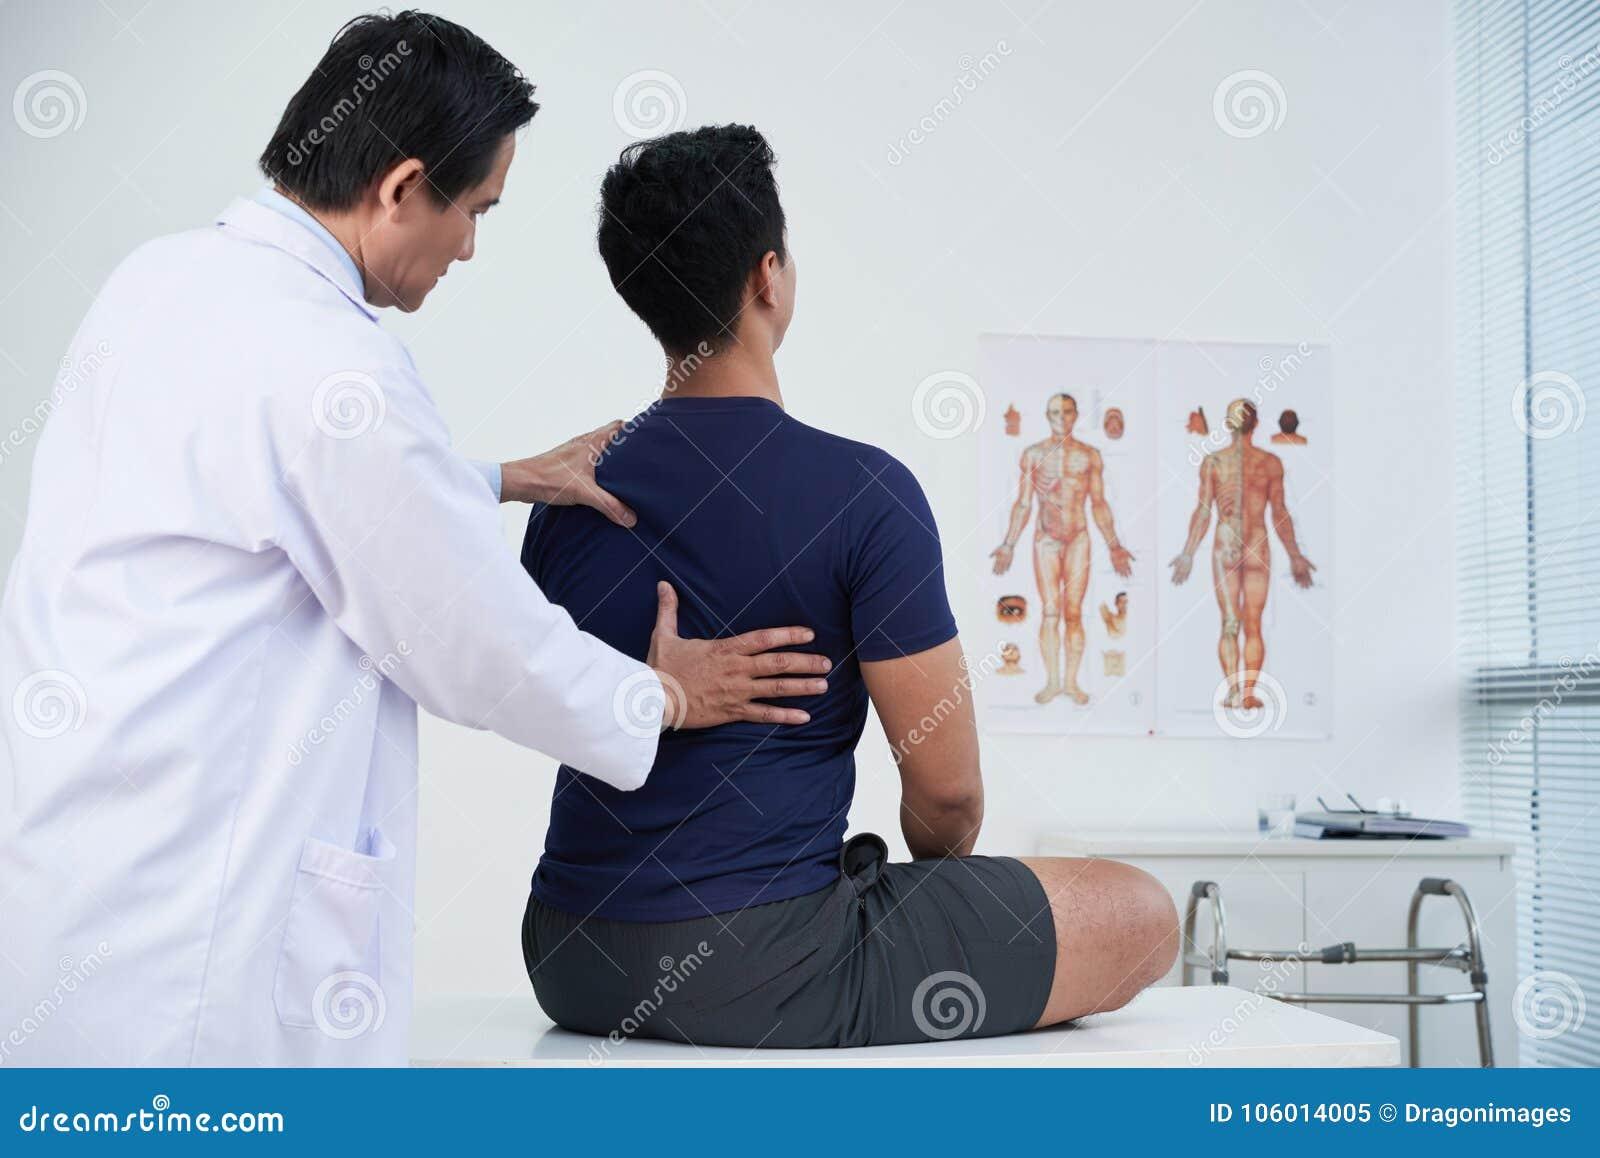 Jaarlijks algemeen medisch onderzoek